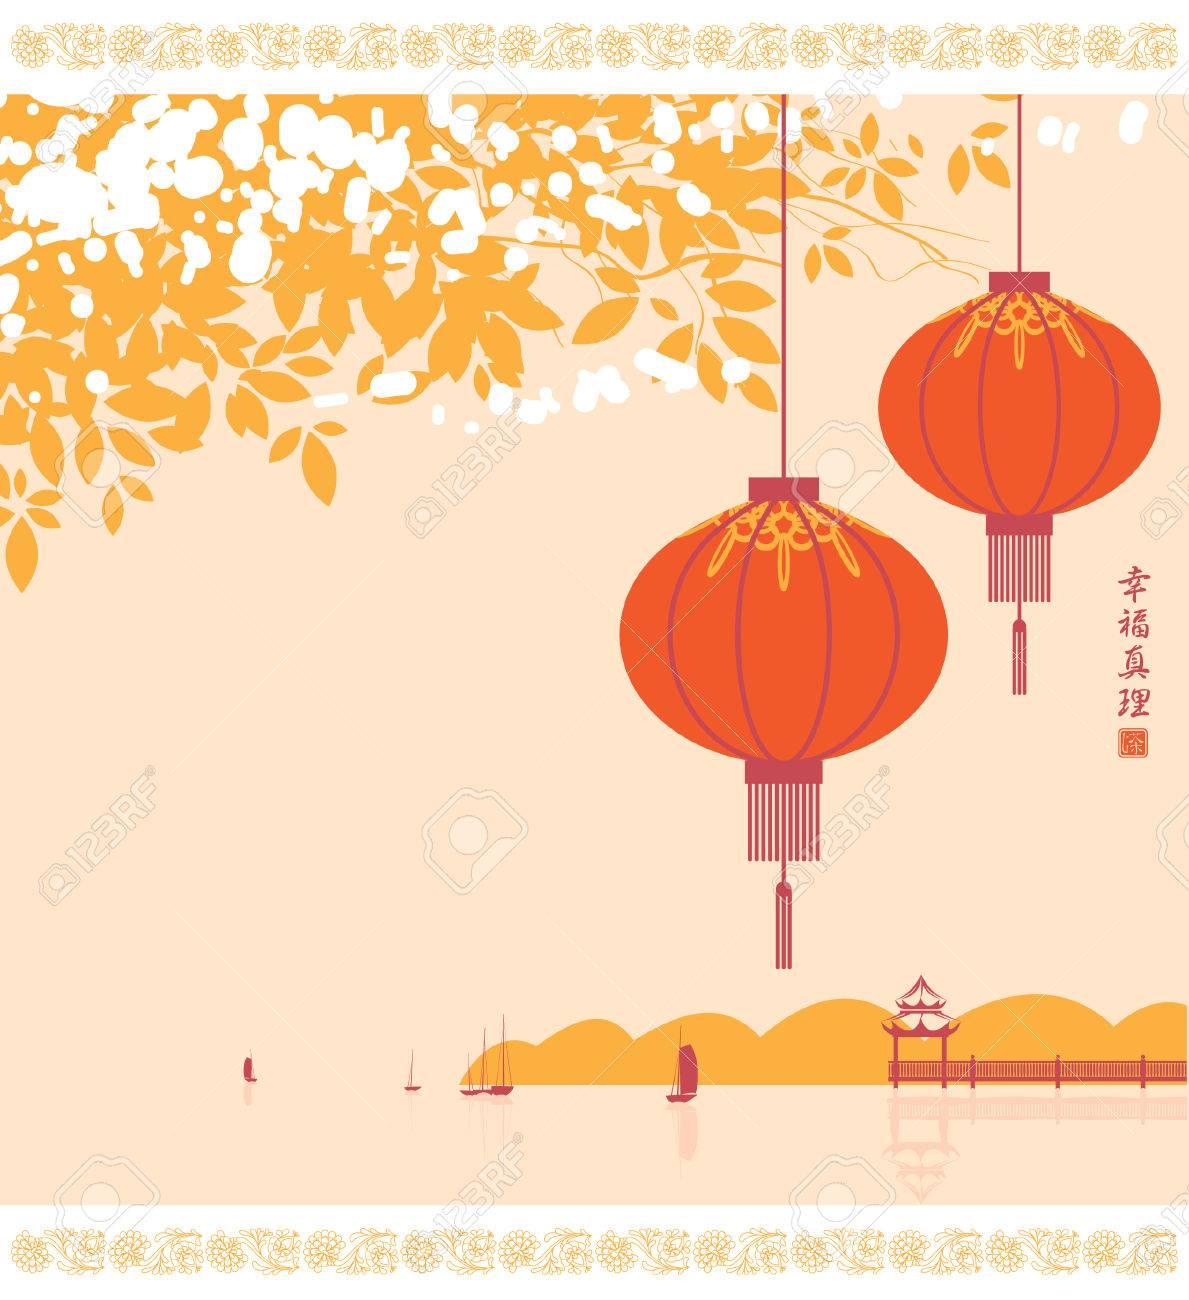 Chinese lanterns - 27777269